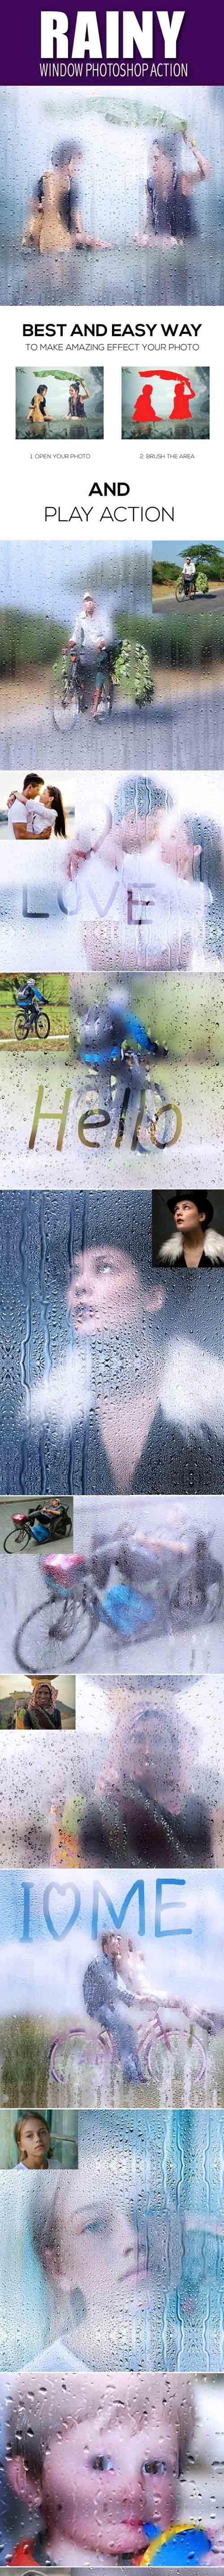 Graphicriver - Rainy Window Photoshop Action 20178712